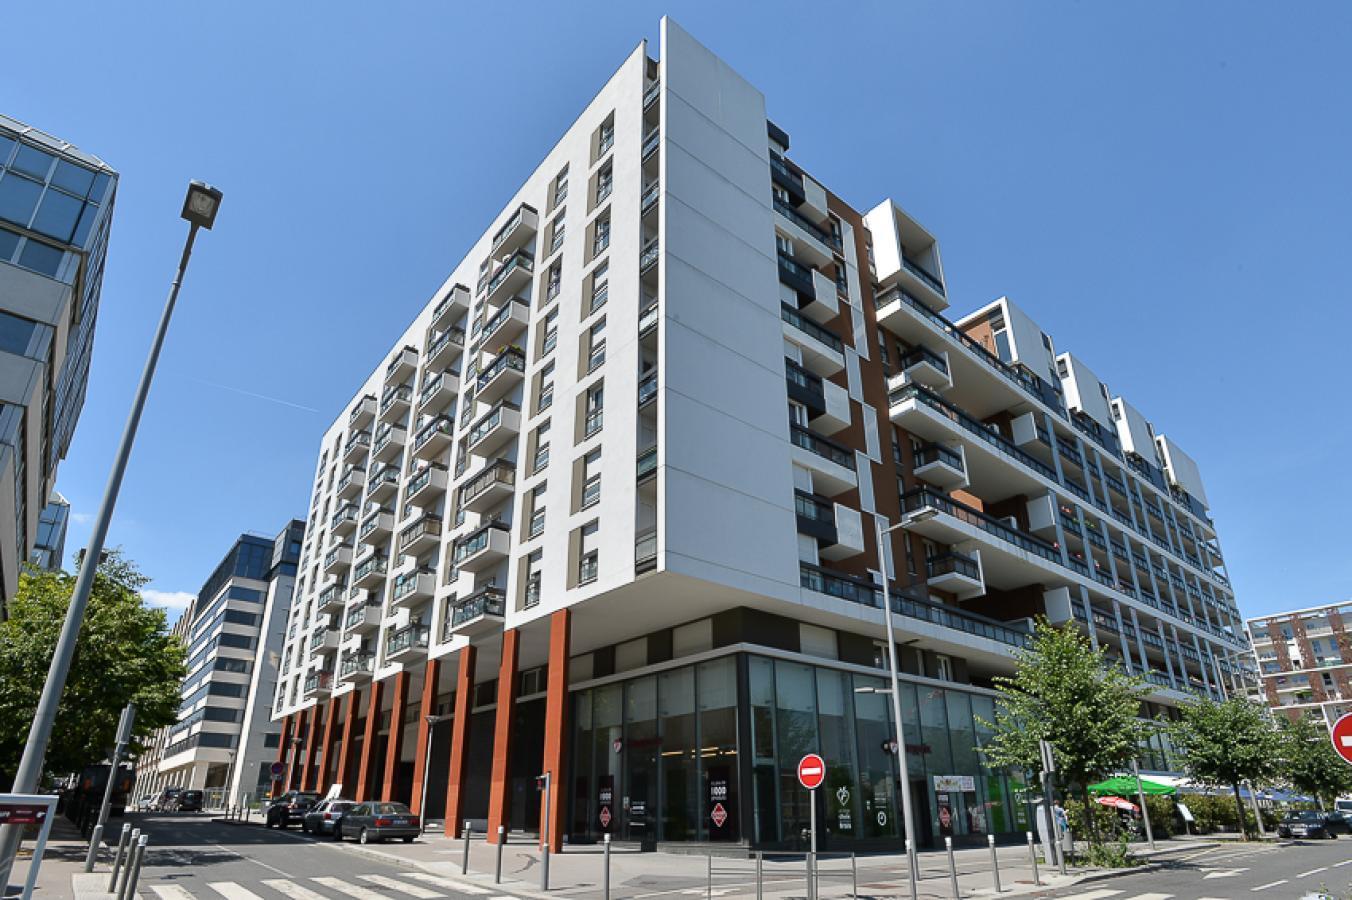 Appartement a louer nanterre - 3 pièce(s) - 73 m2 - Surfyn